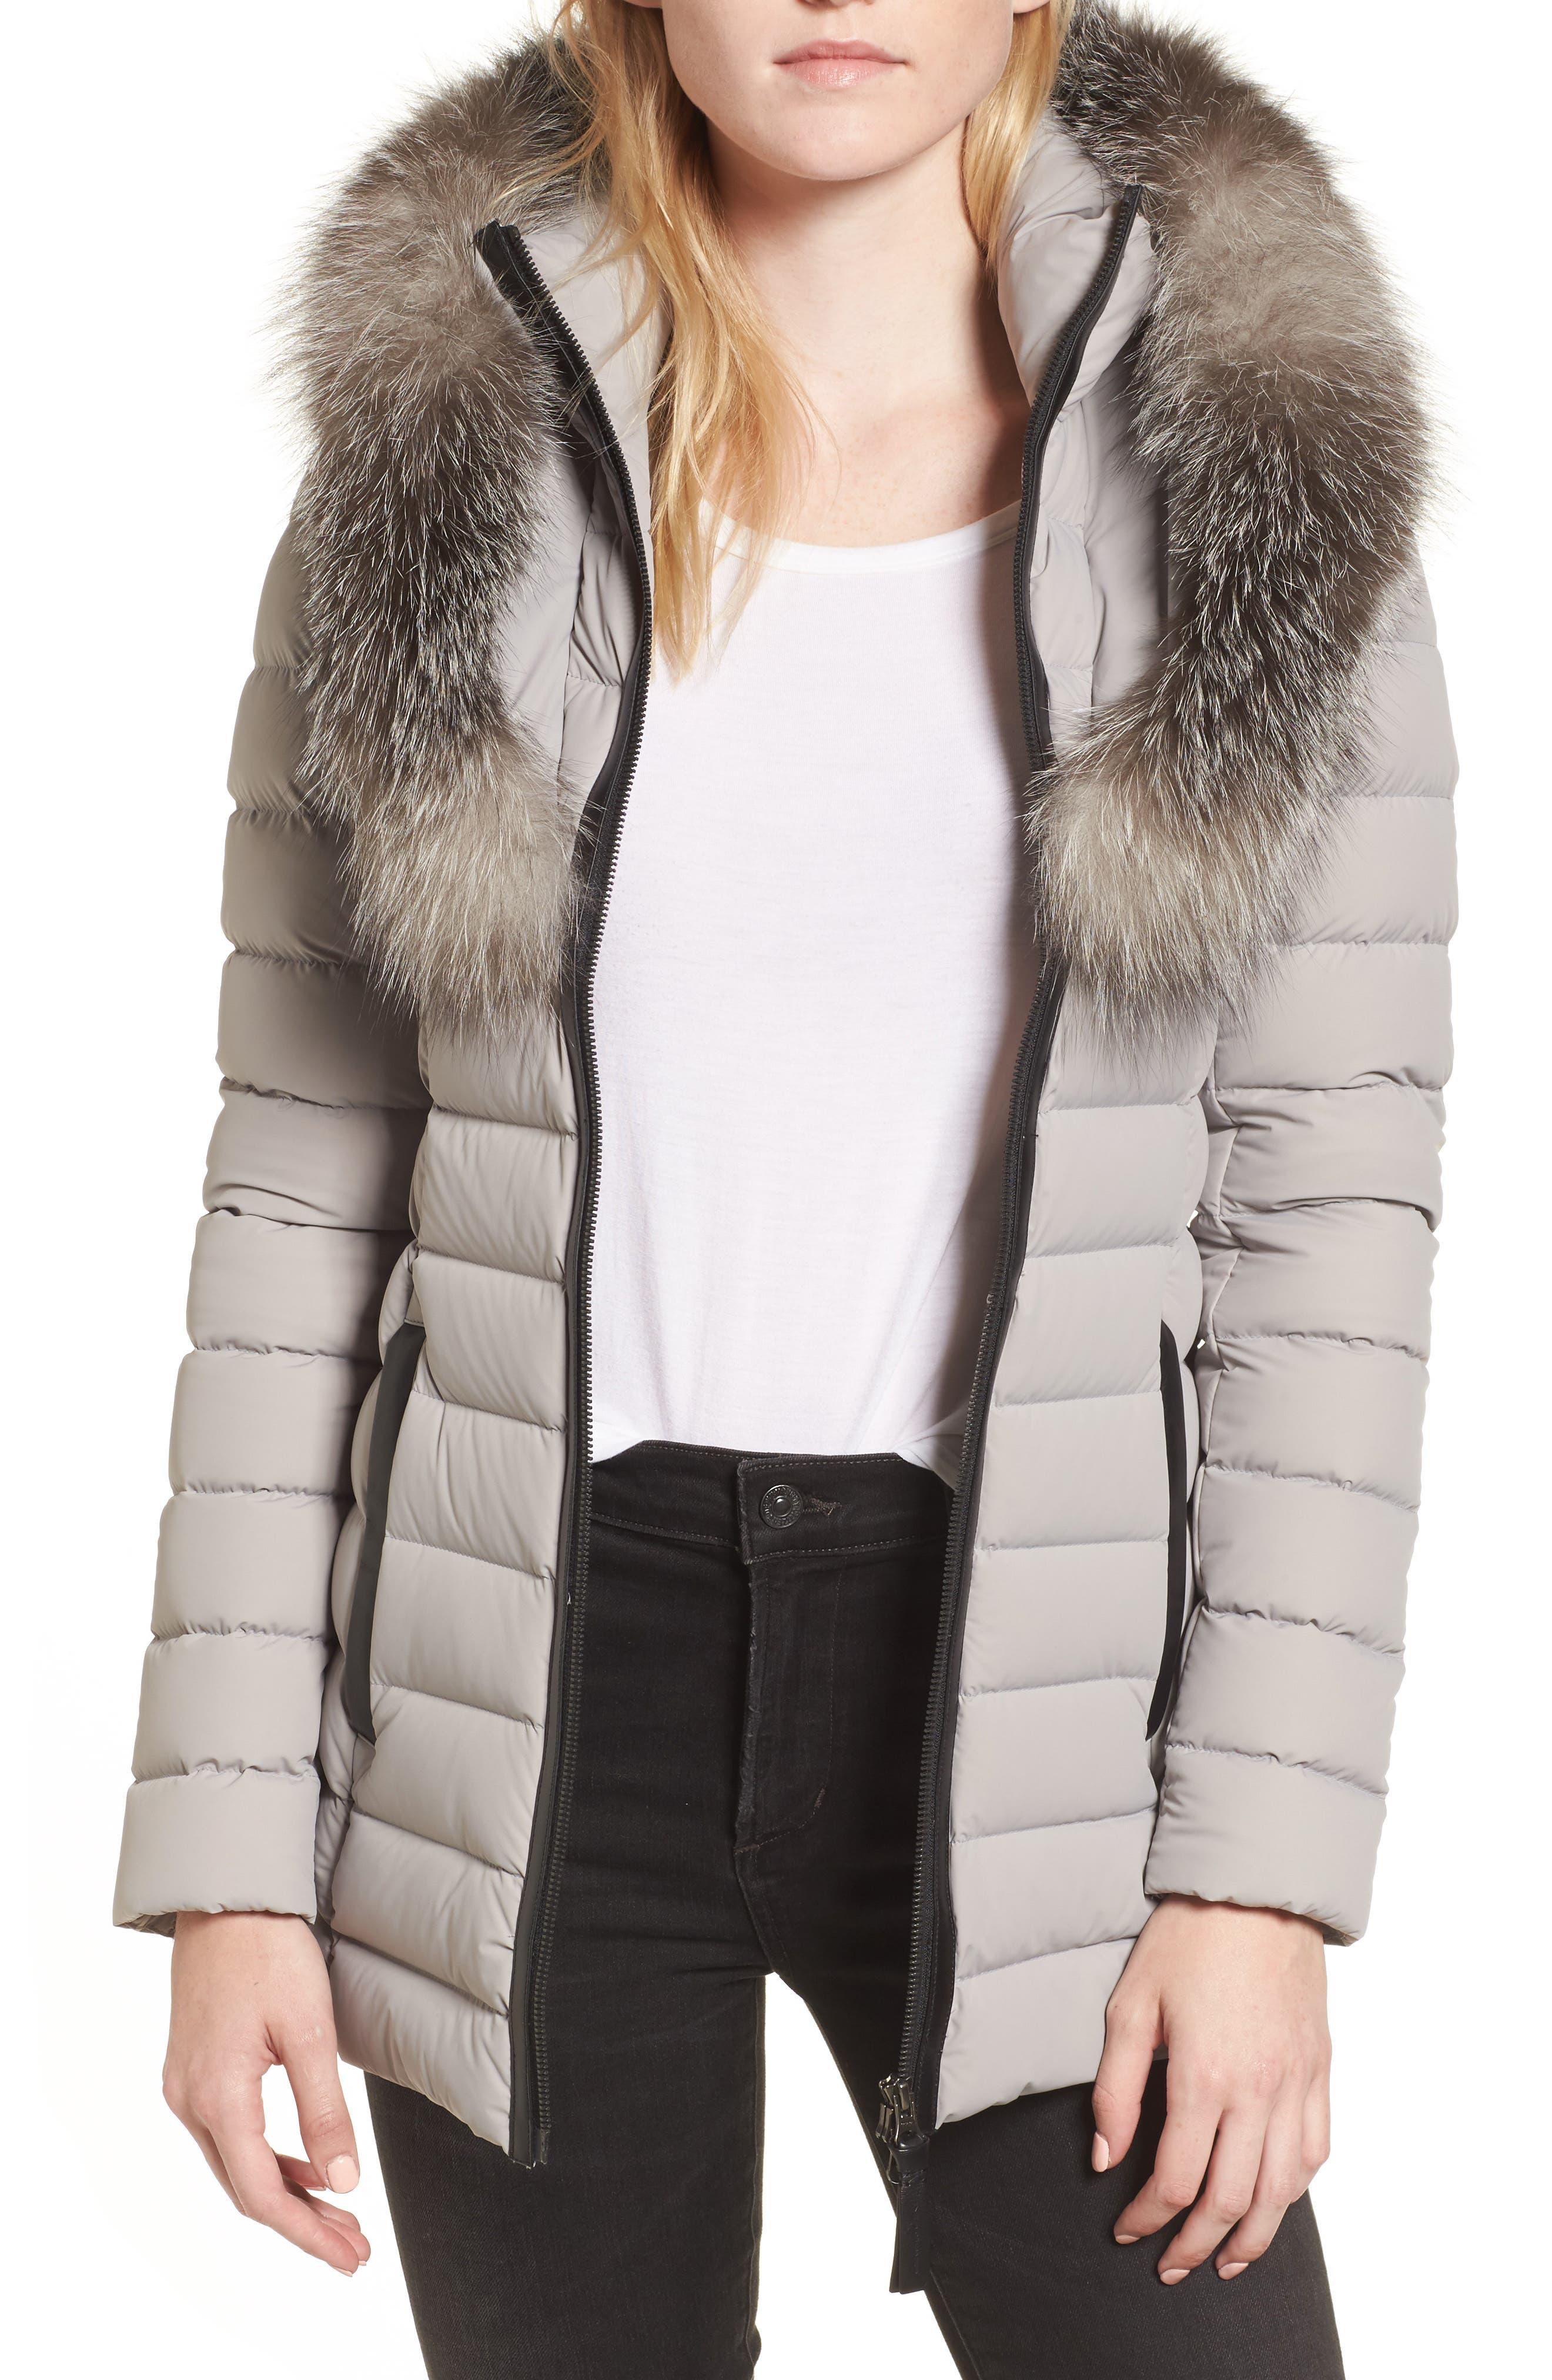 Mackage Kadalina Down Jacket with Genuine Fox Fur Trim